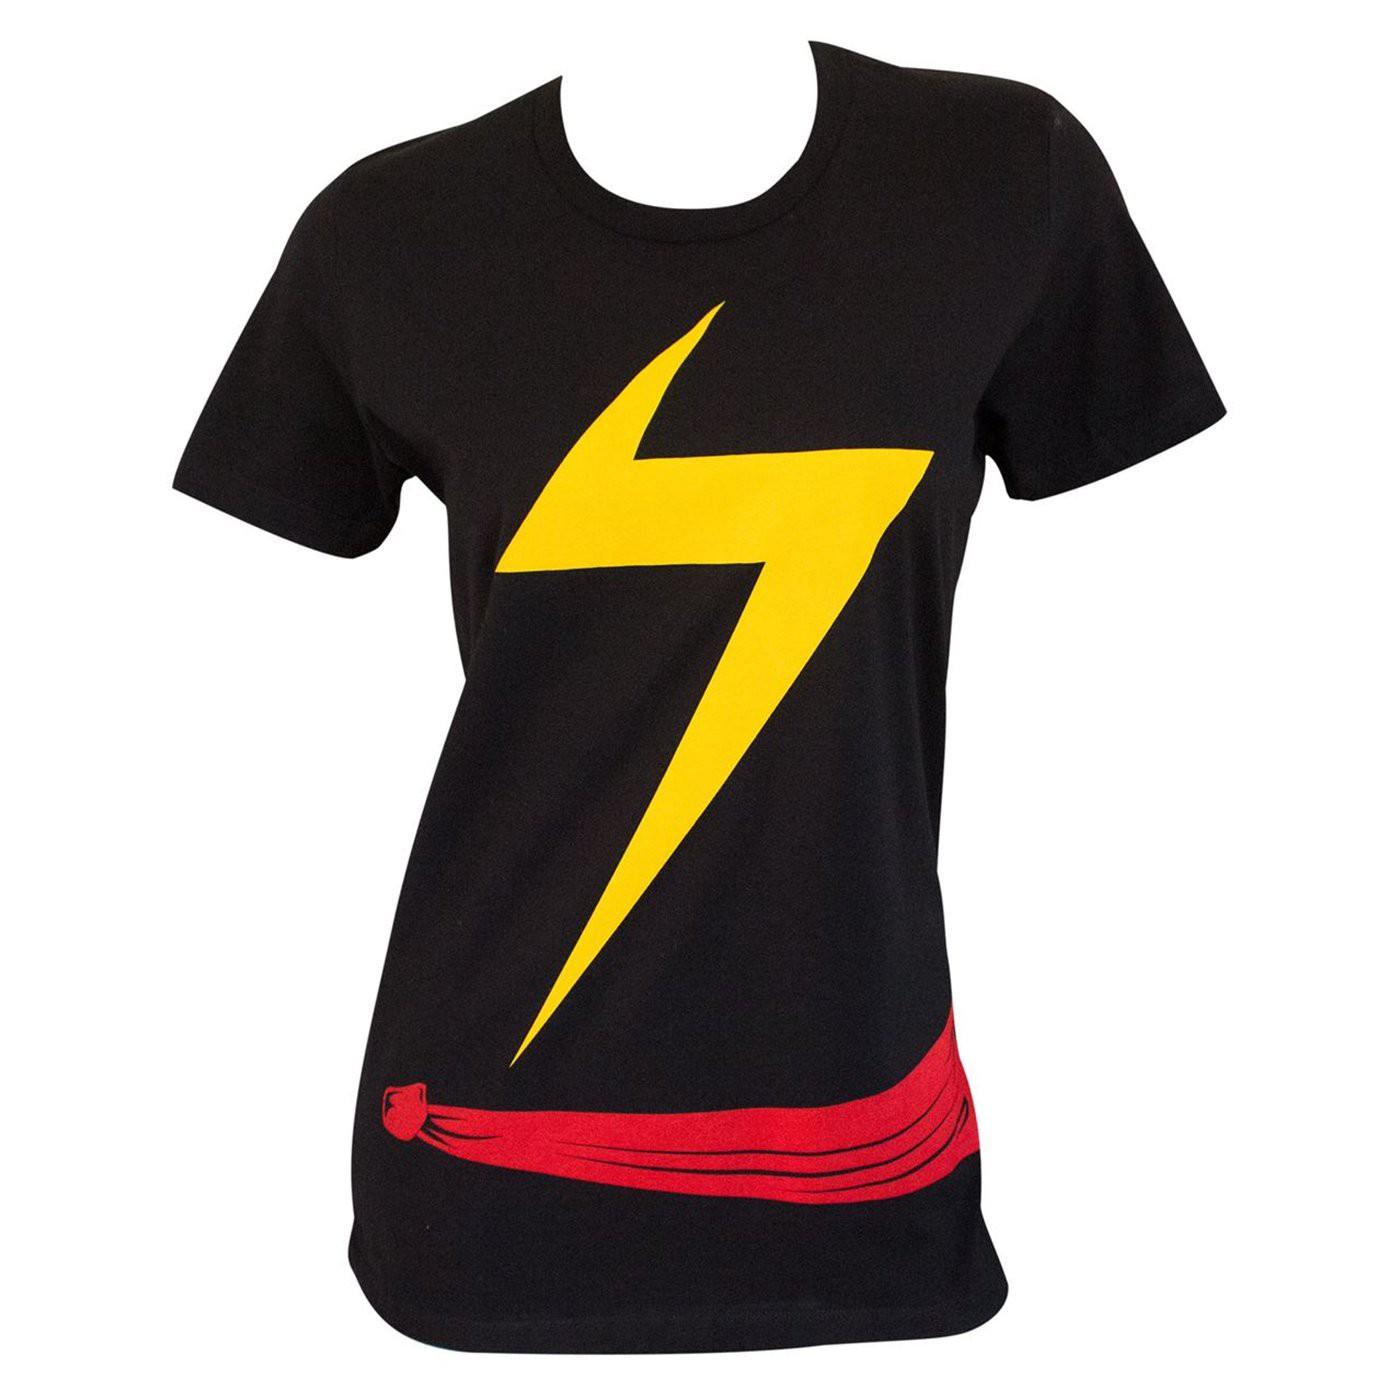 Ms. Marvel Women's Costume Standard T-shirt